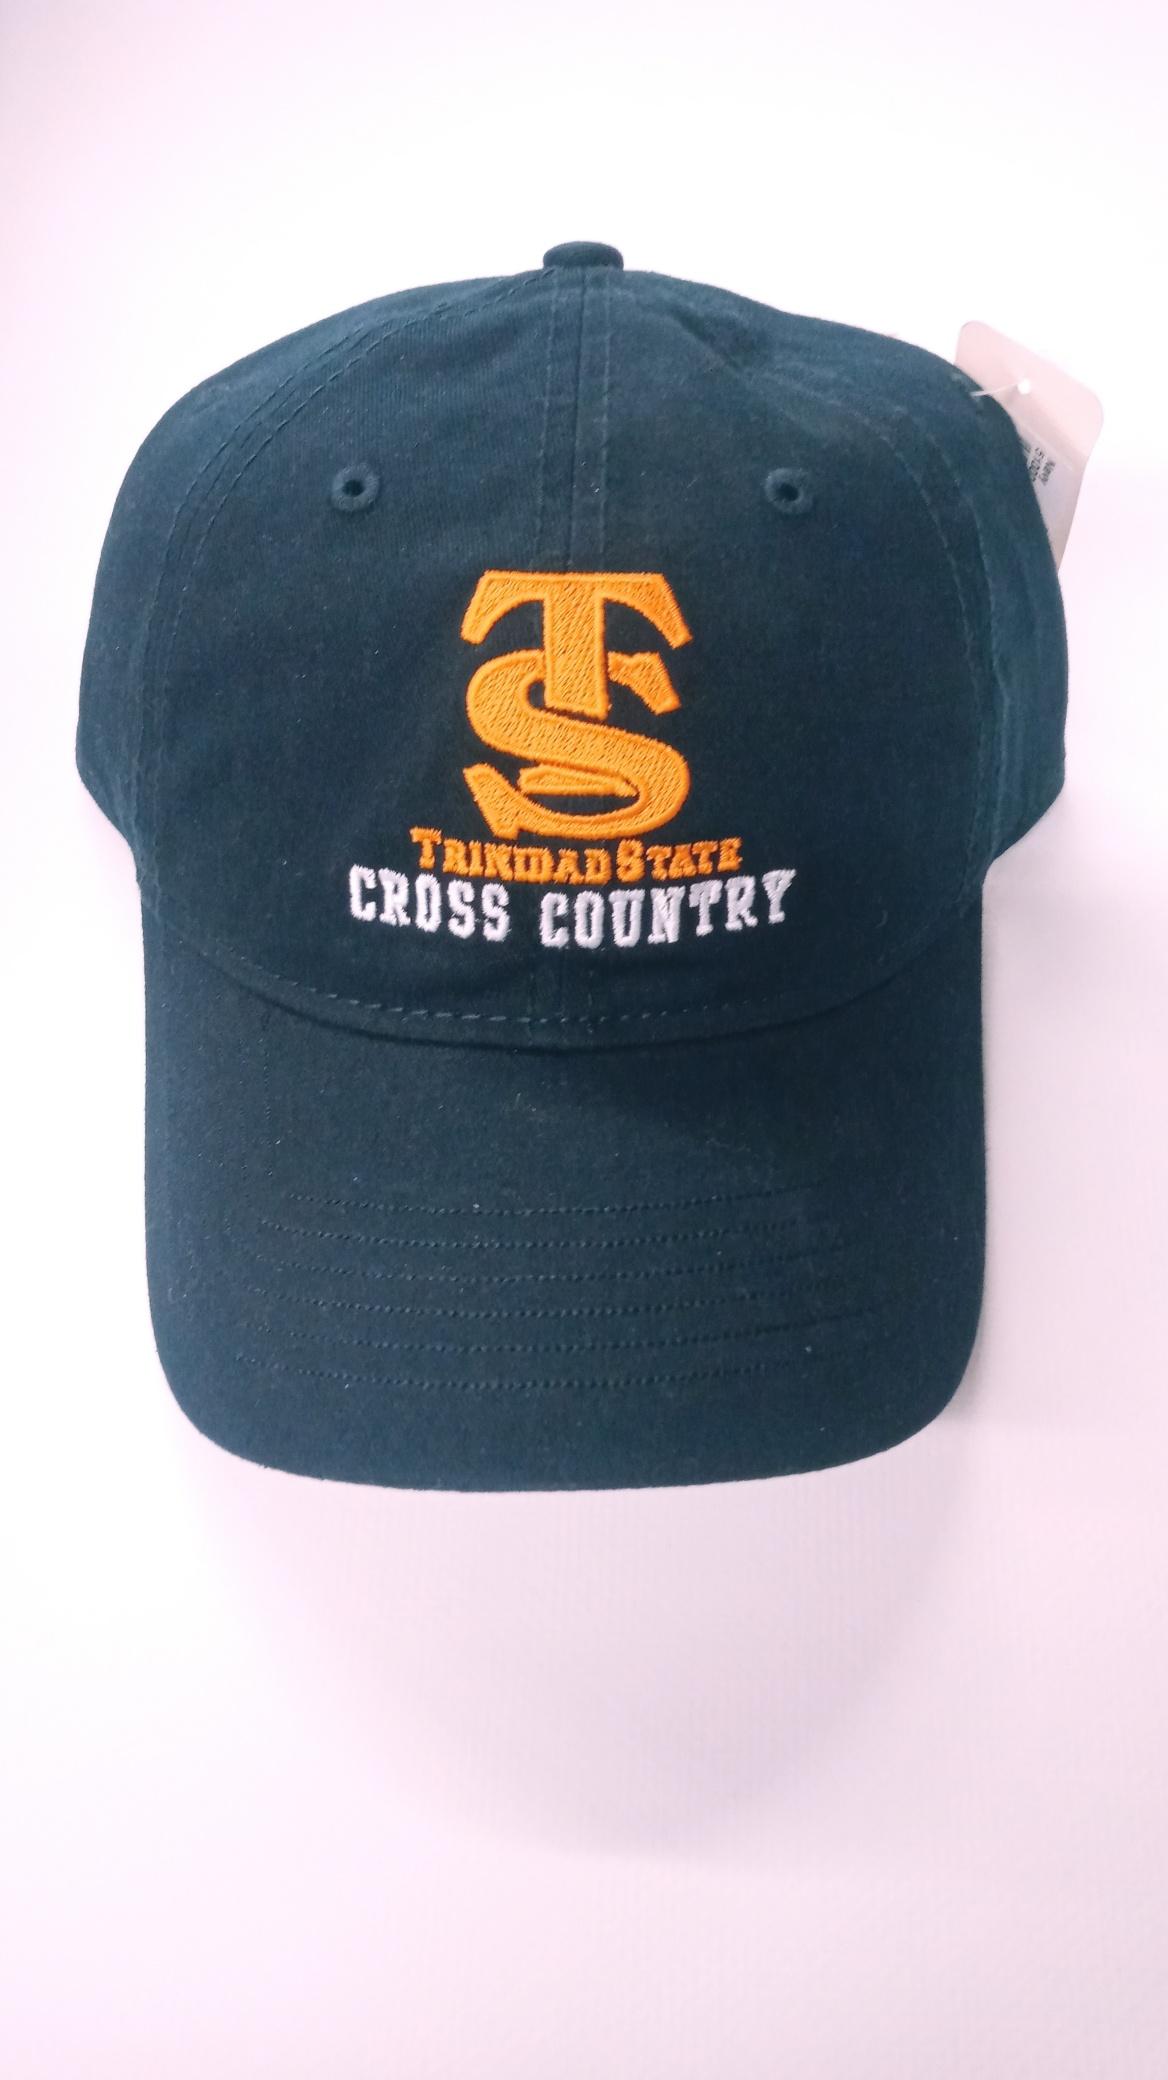 TSJC Baseball Cap (Cross Country)